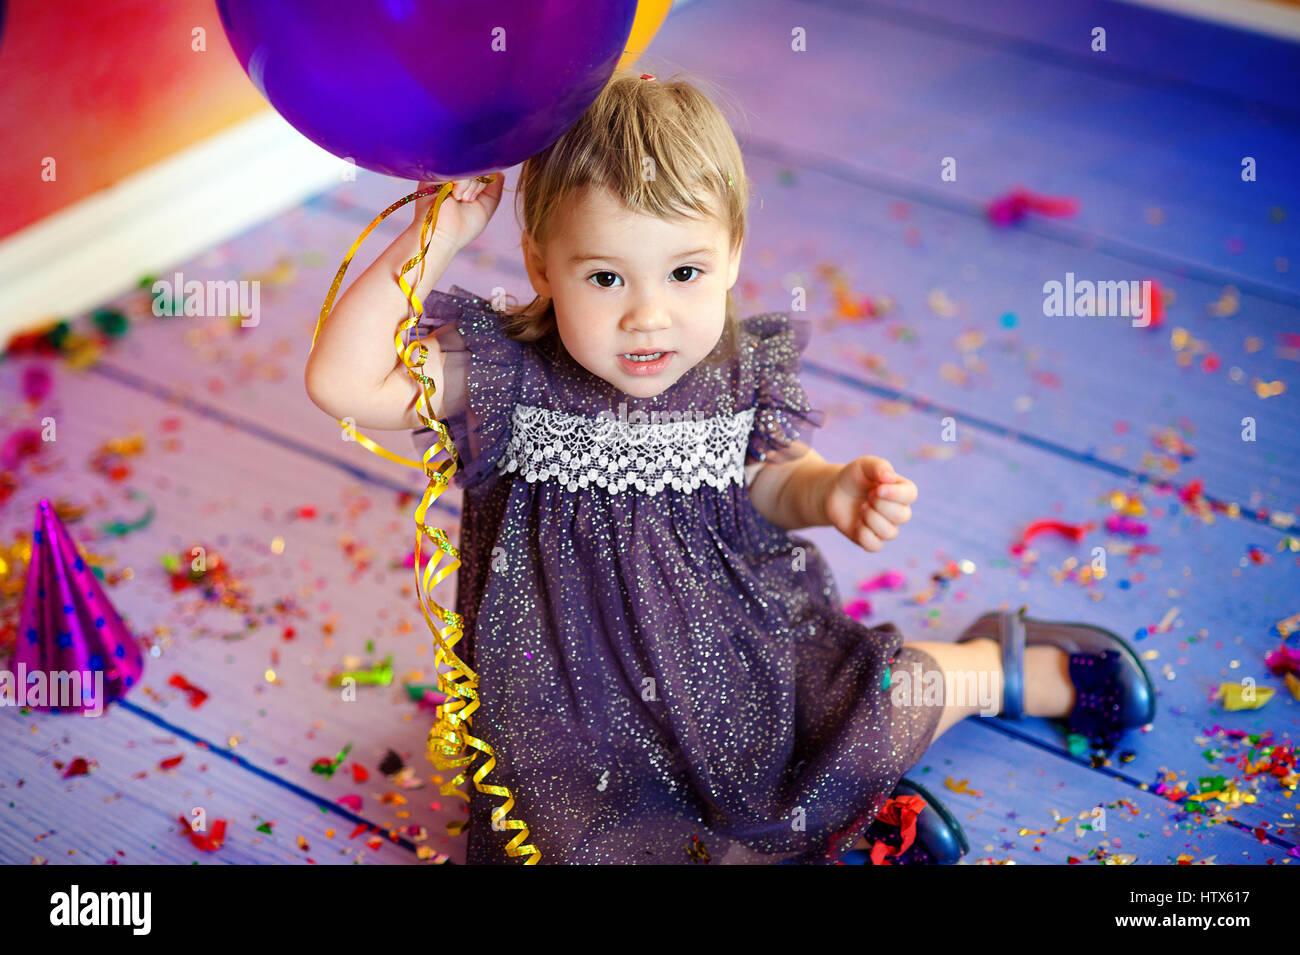 Niedliche Baby Mädchen 1-2 Jahre alten sitzen im Stock mit rosa Luftballons im Raum. Geburtstags-Party. Fest. Stockbild